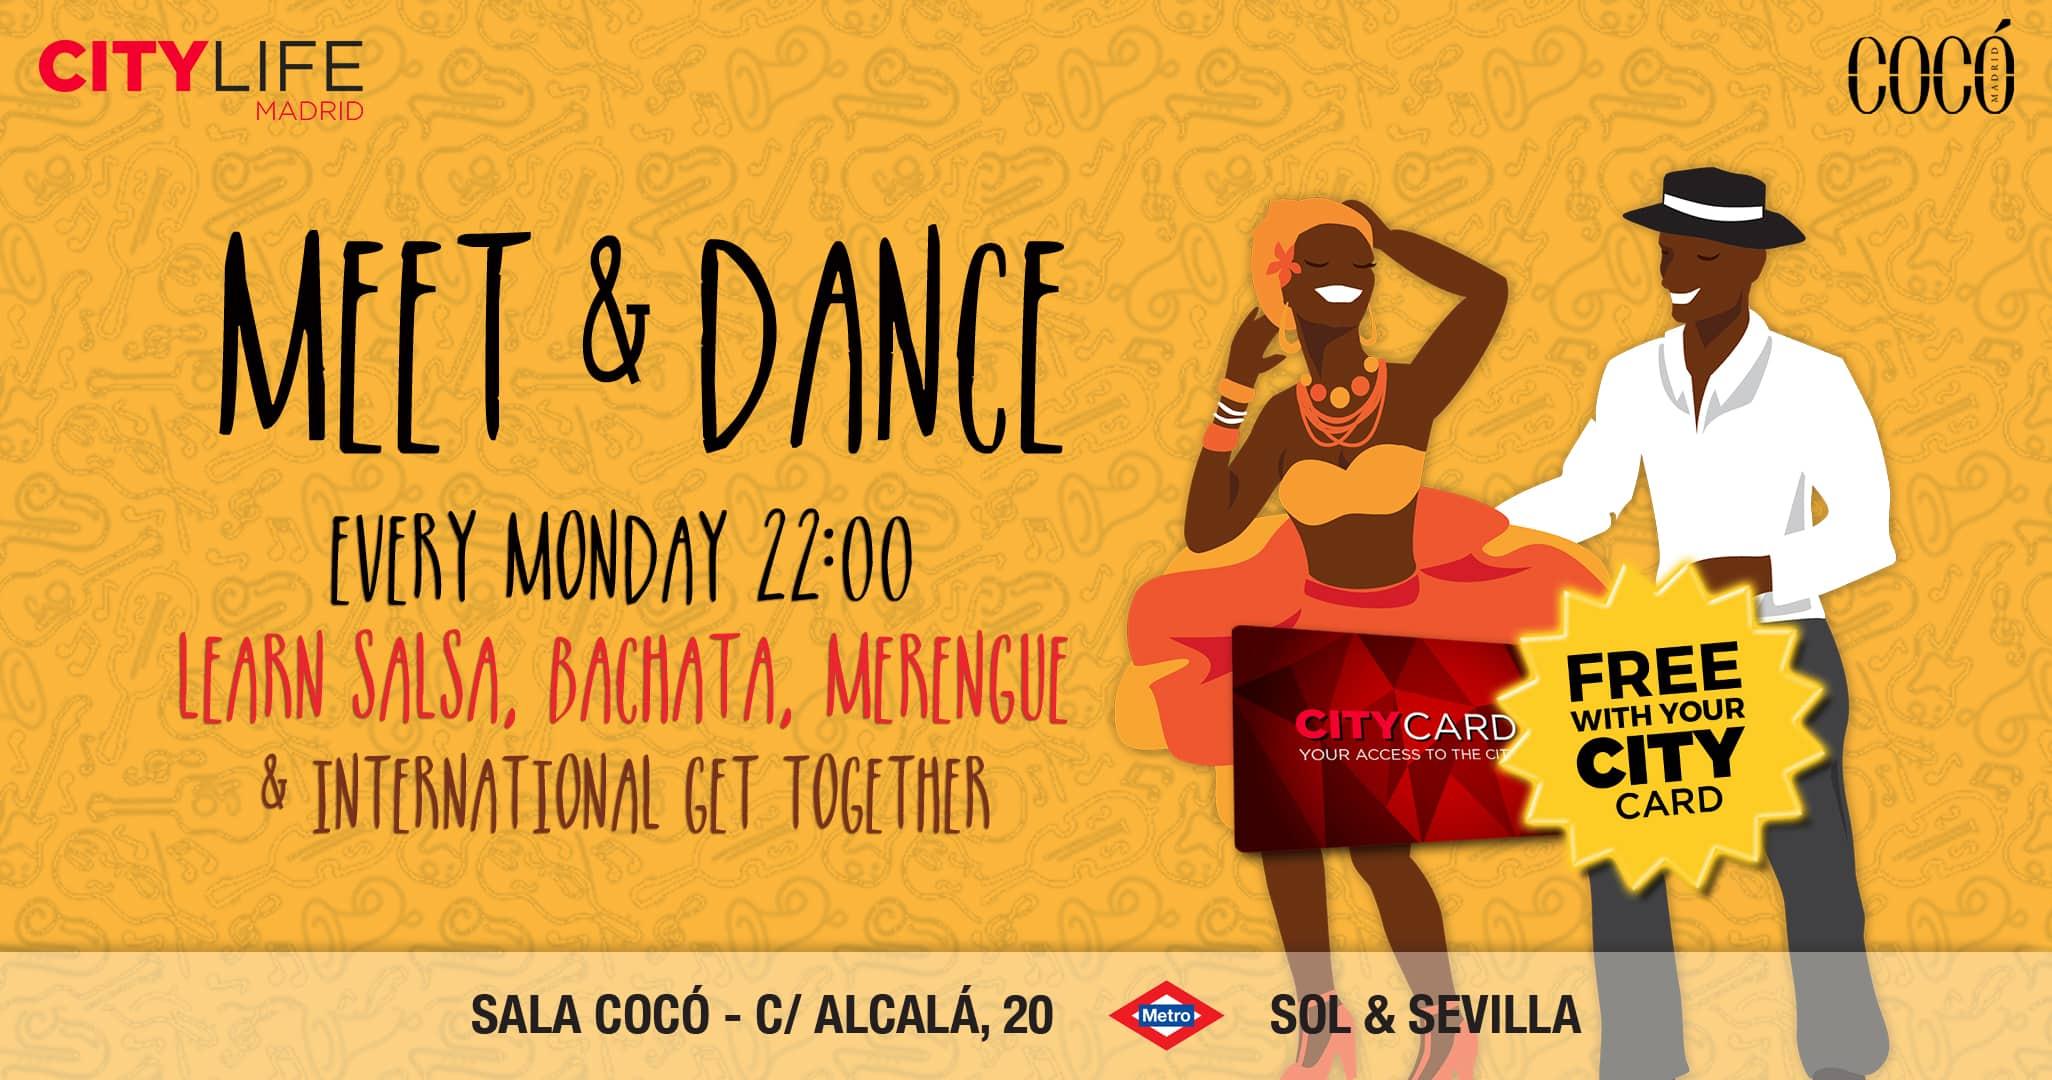 MEET & DANCE - Learn Salsa, Bachata, Merengue & International Get-Together!